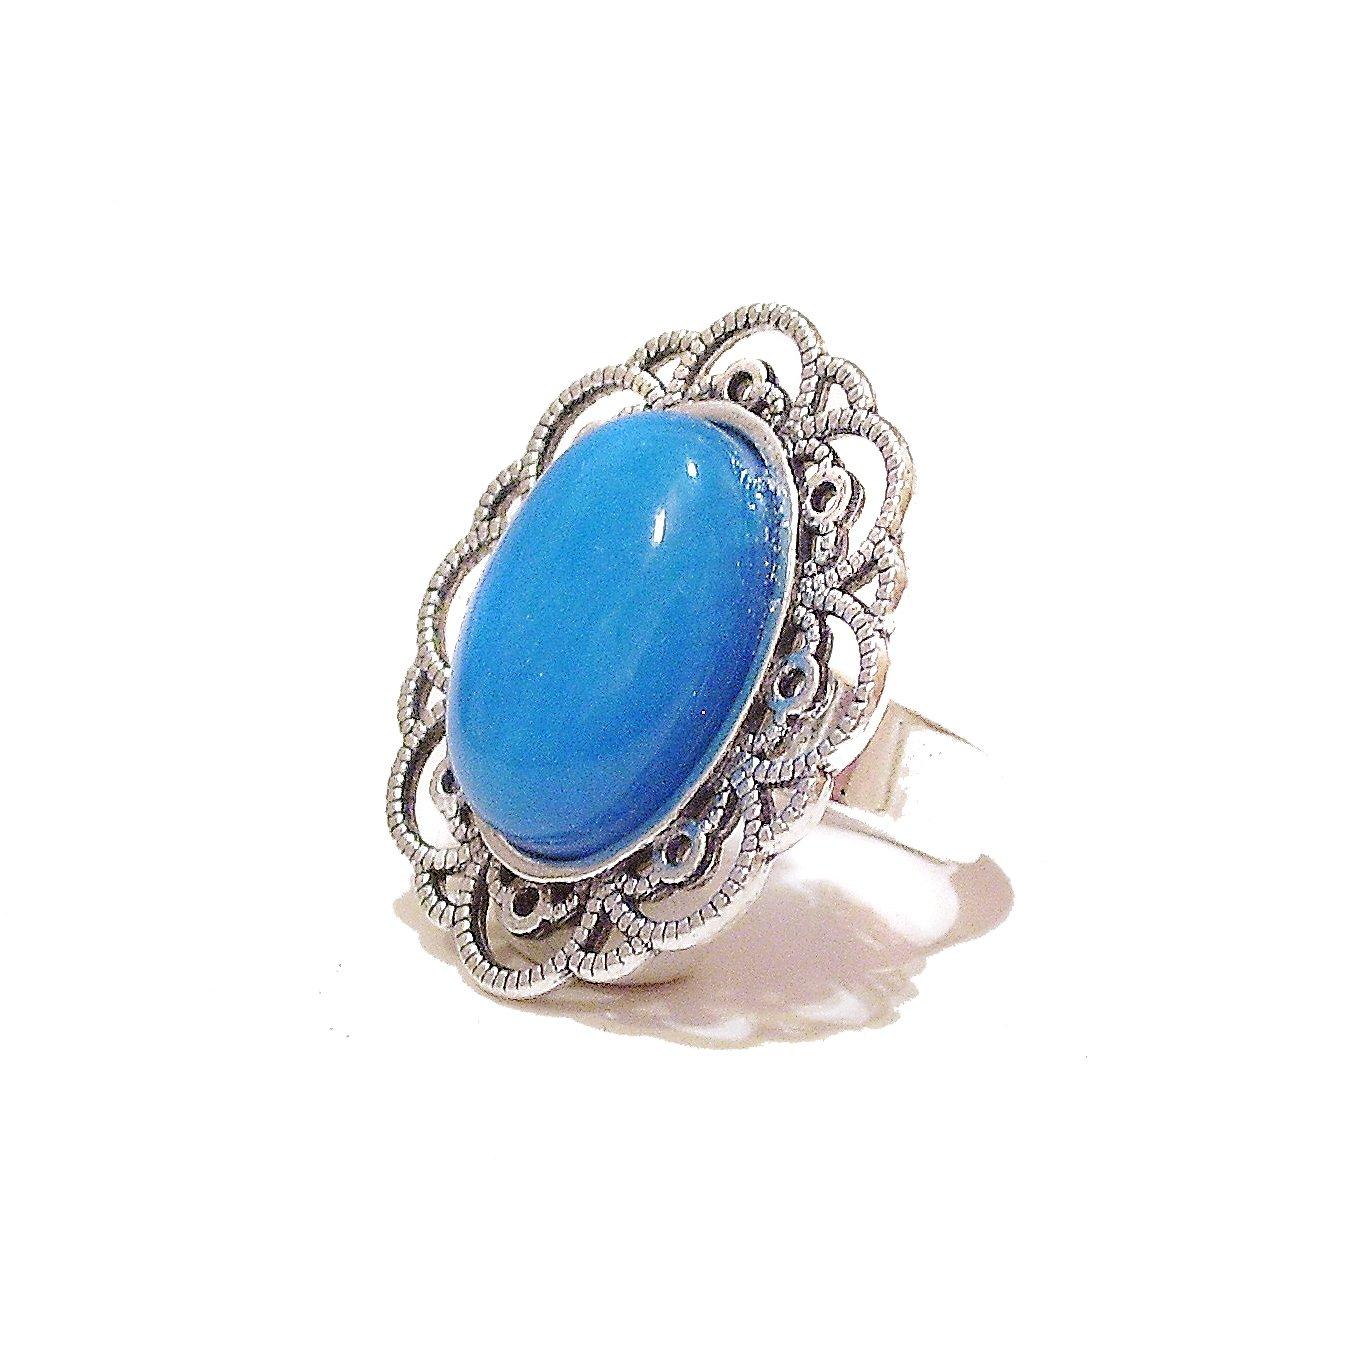 Bague Couleur Argent Vieilli Monture Ciselée et Ajourée avec Calcite Teinte en Bleu Semi-précieuse – Ajustable The Black Cat Jewellery Store 4086